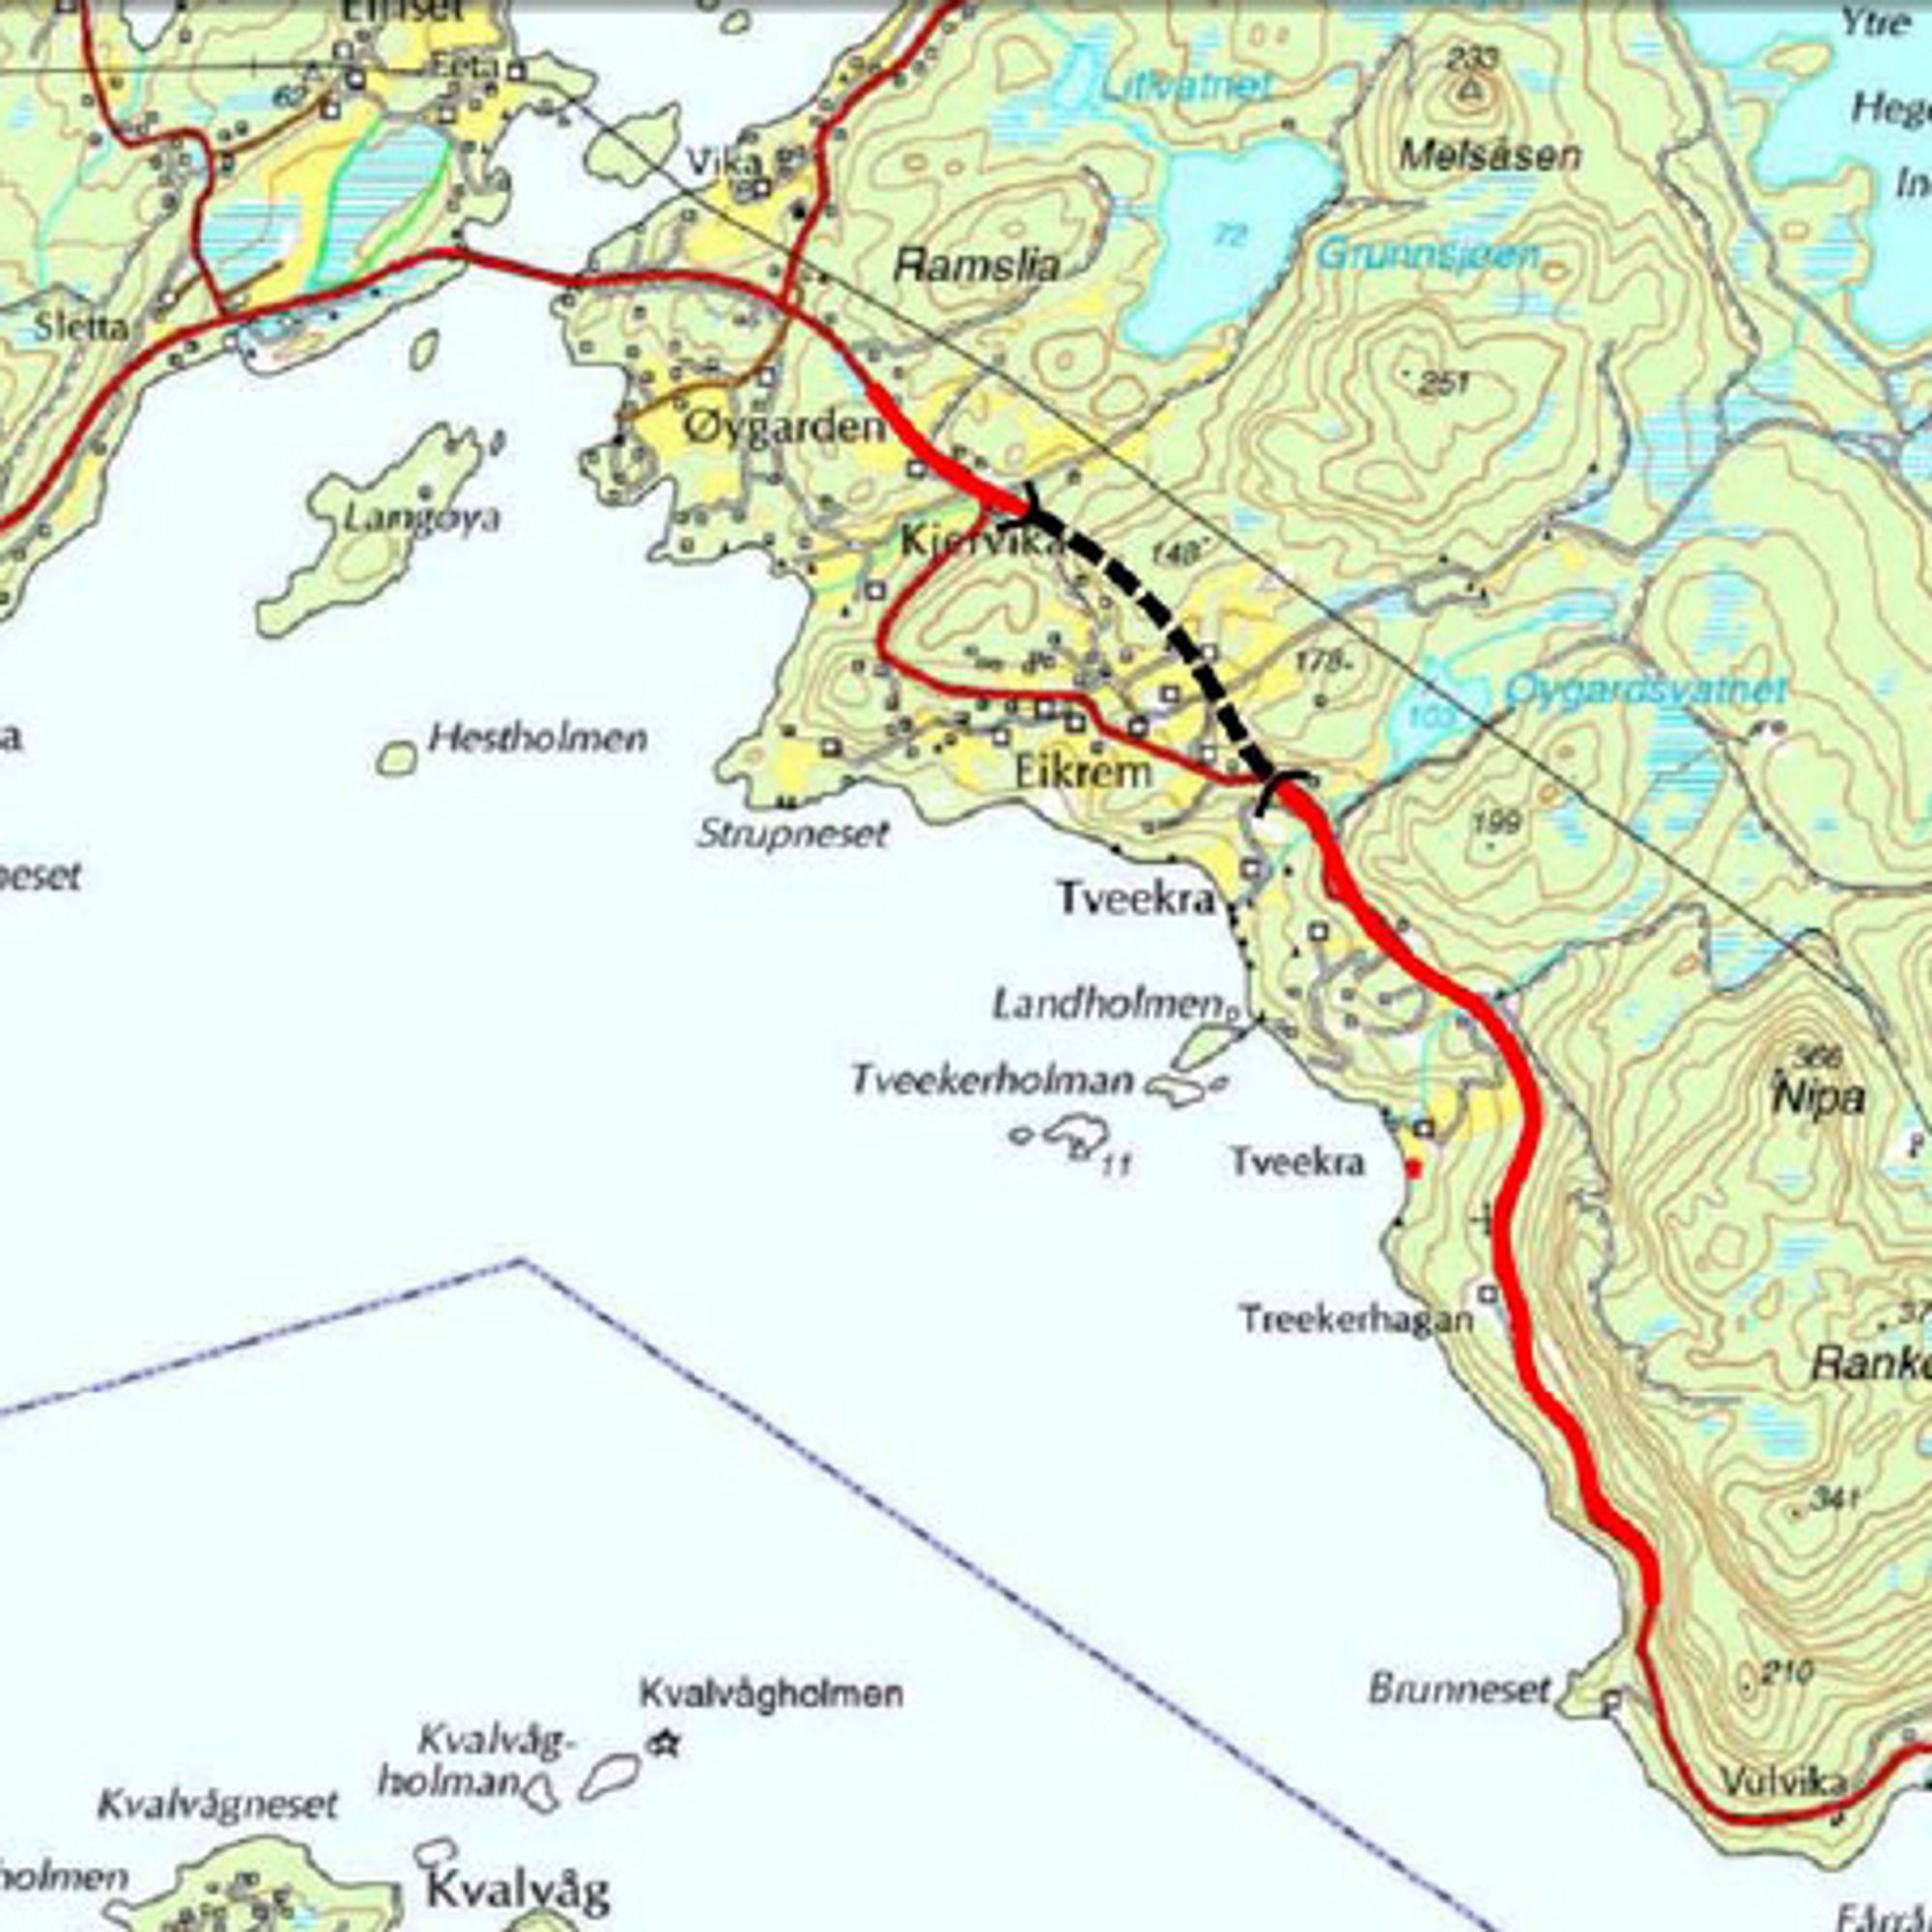 Entreprisen som er lyst ut gjelder en strekning sør for tunnelen, som er markert med svart, stiplet linje. (Ill.: Statens vegvesen)